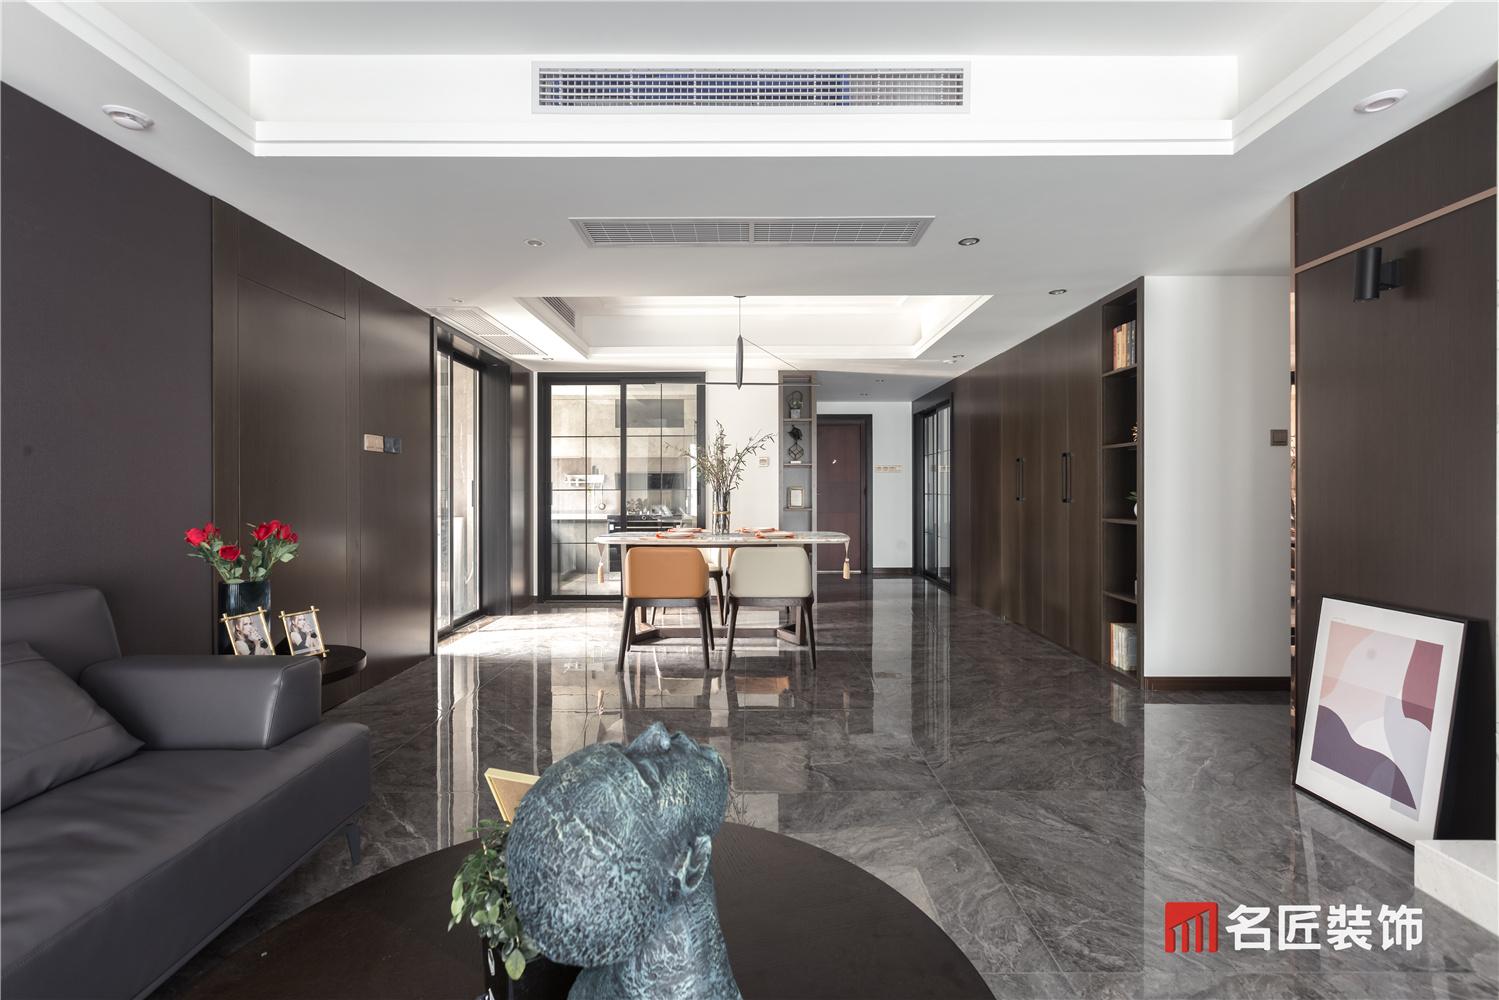 融科东南海 / 现代简约风格 / 168平米